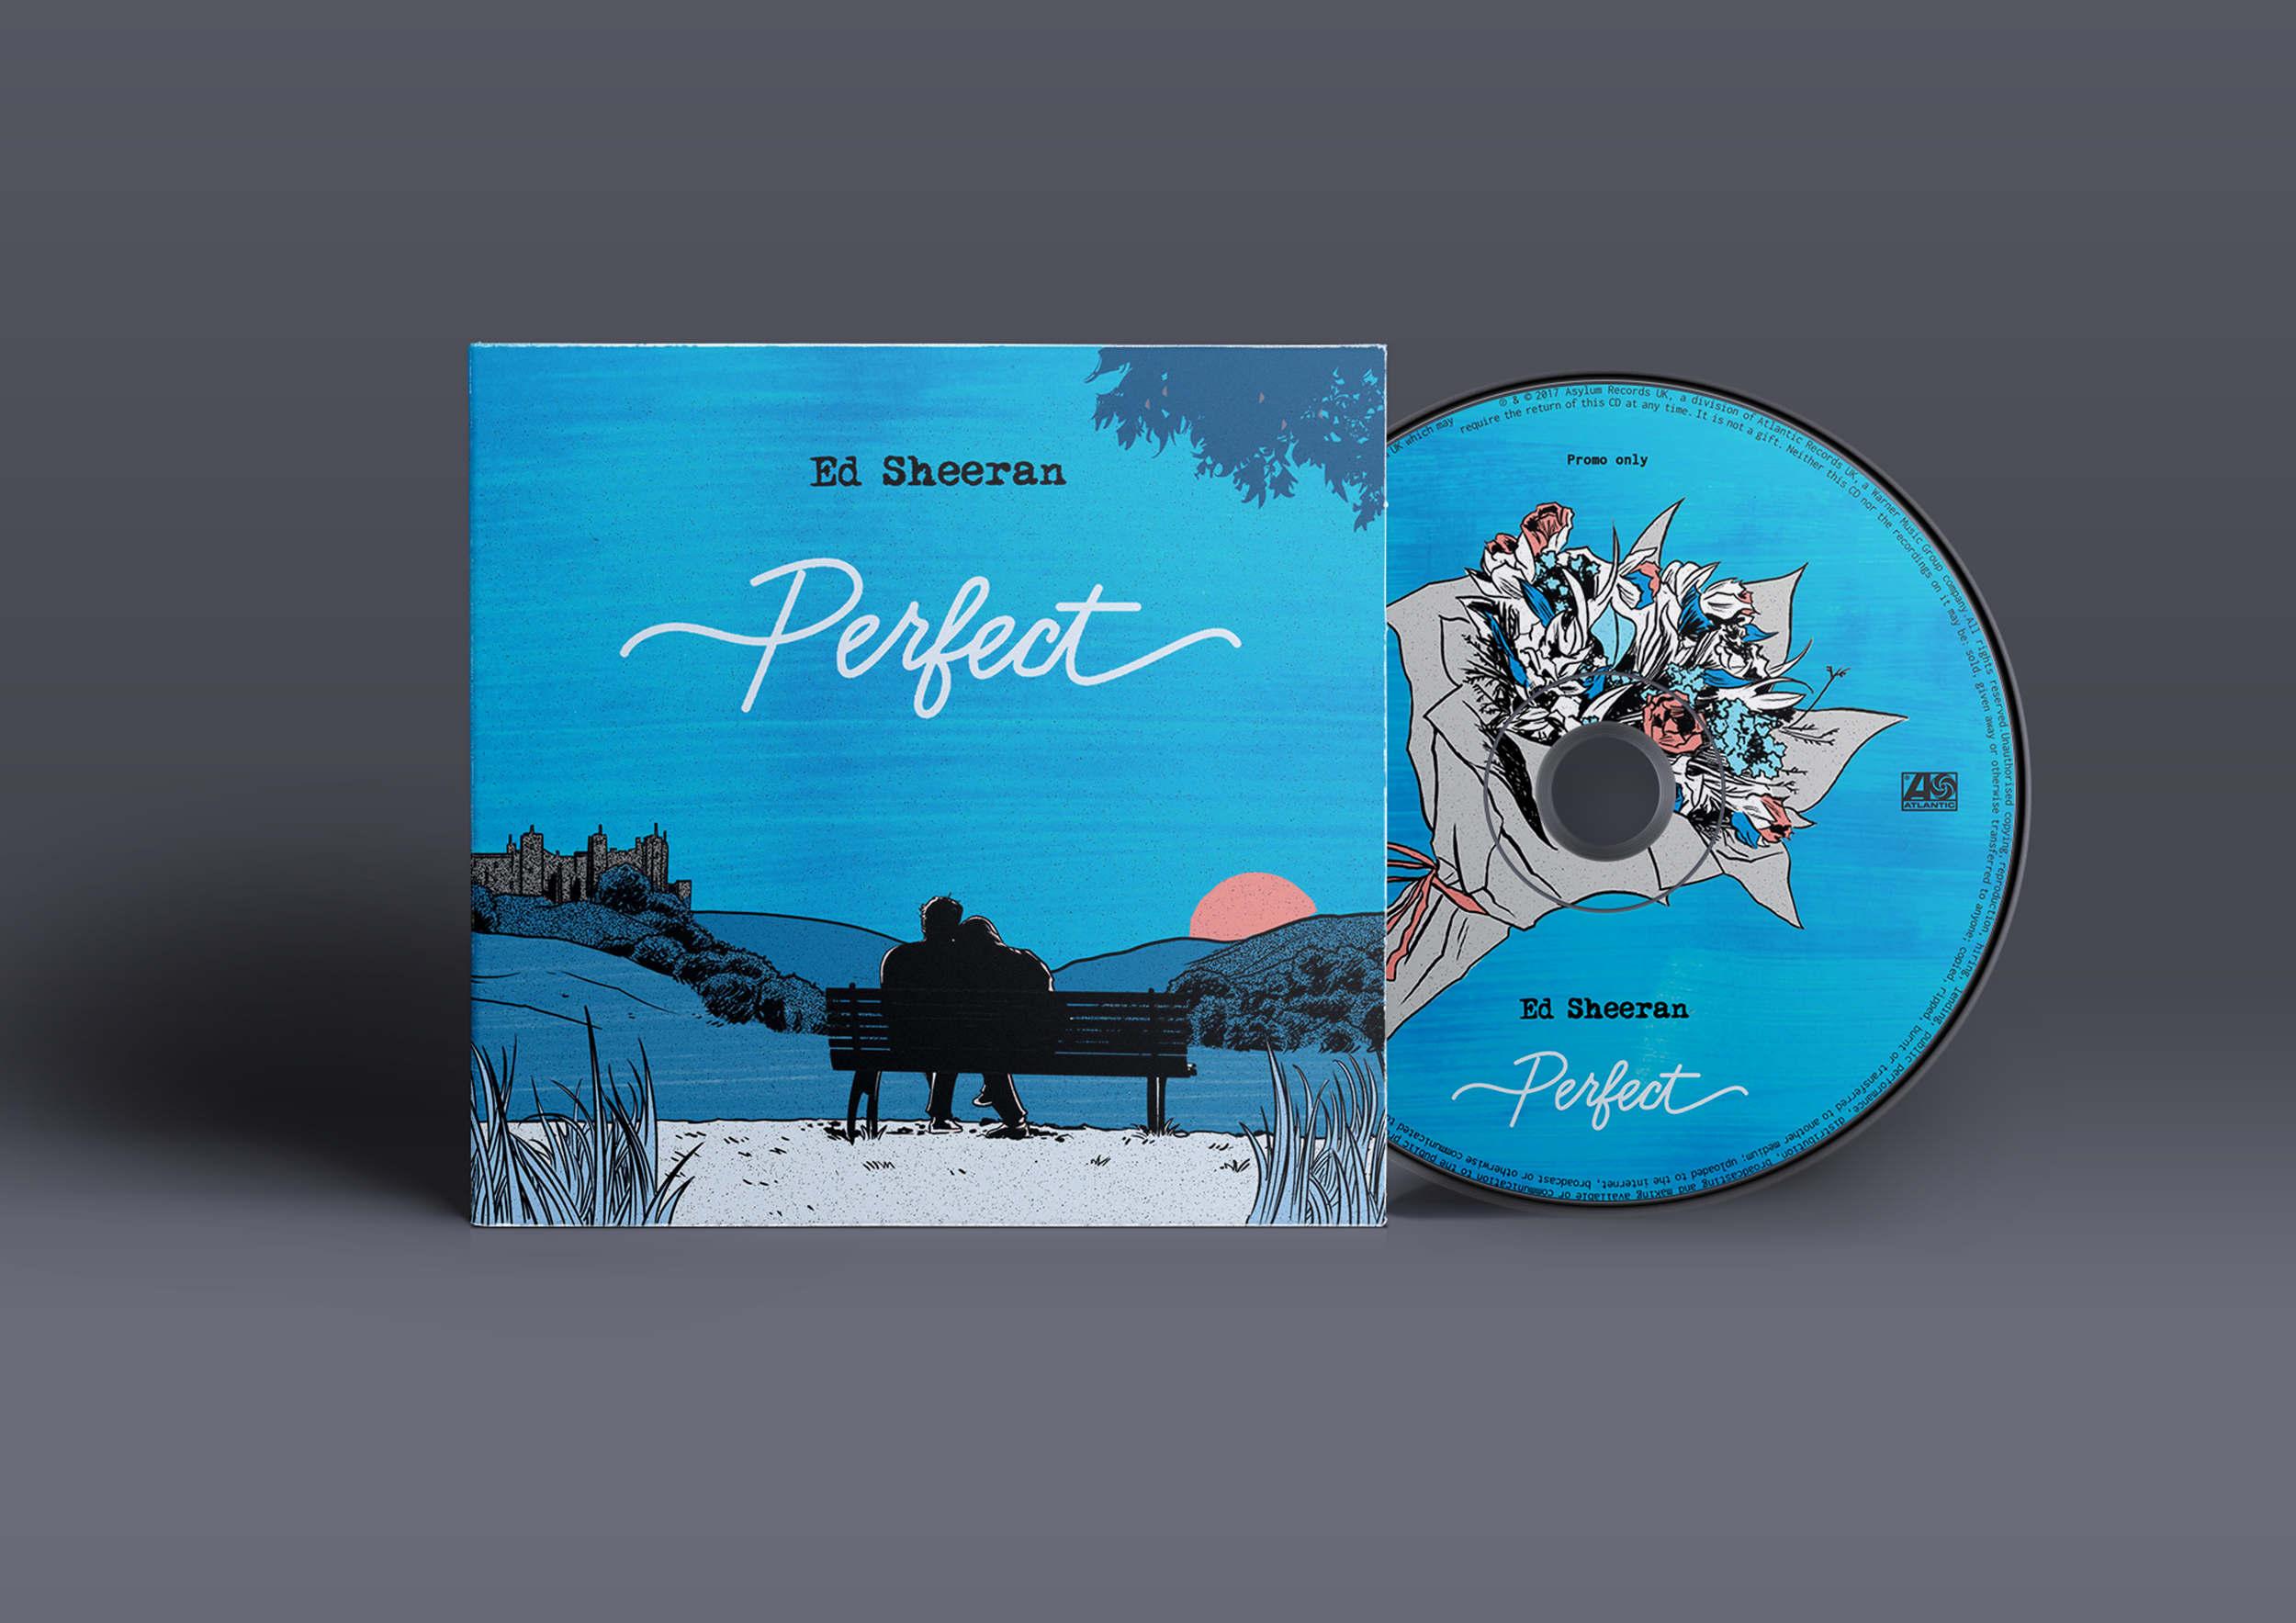 Ed Sheeran - Perfect Promo - MartinWilkie